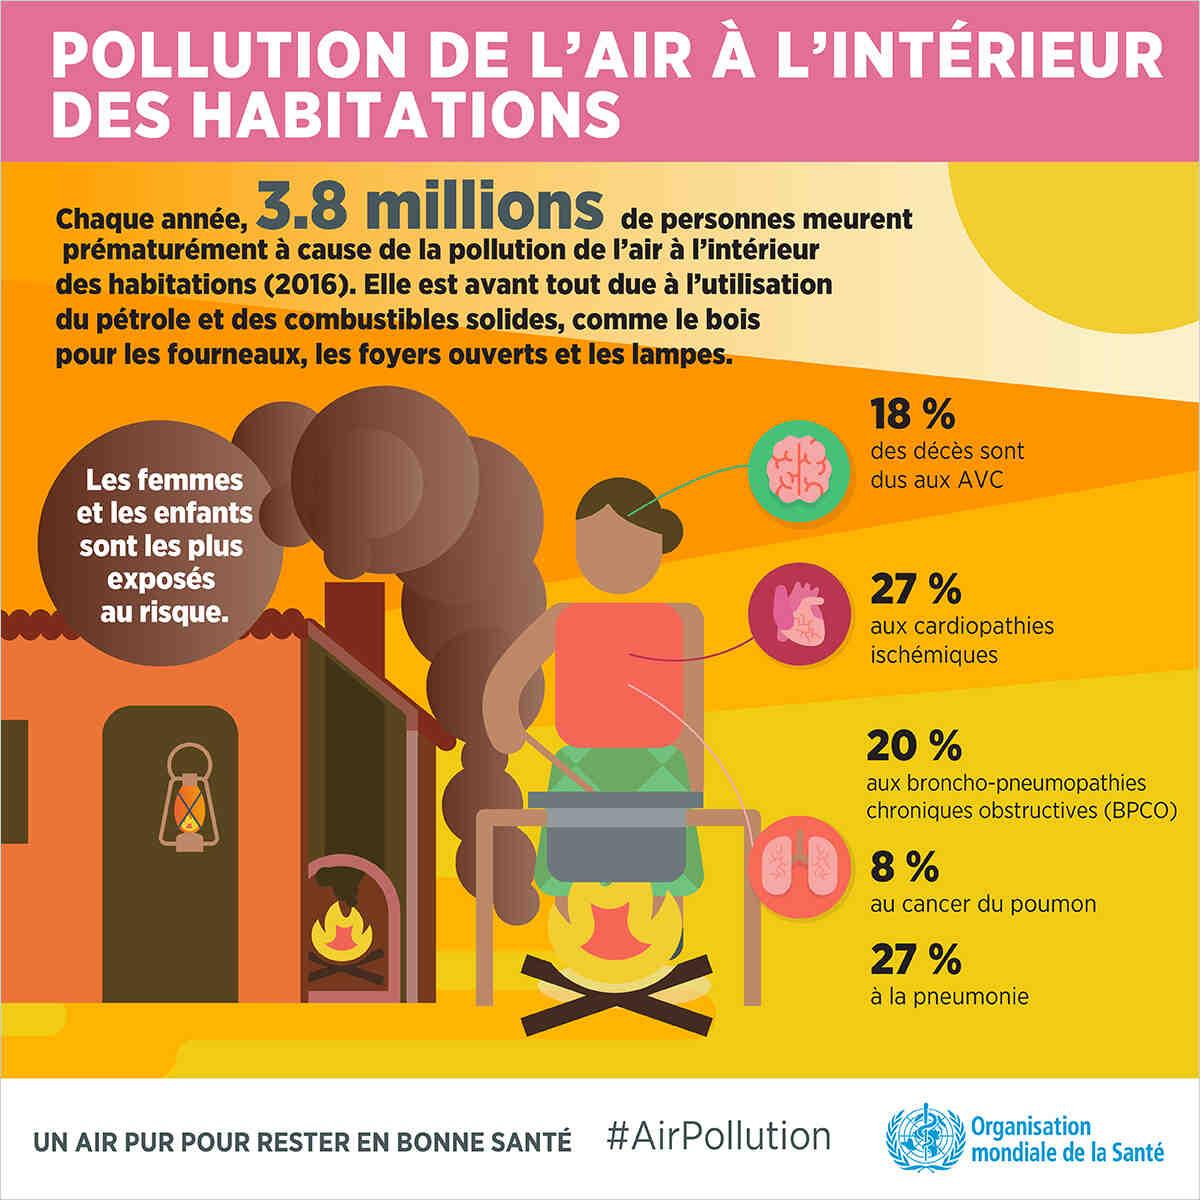 Quelle est la source de la pollution?